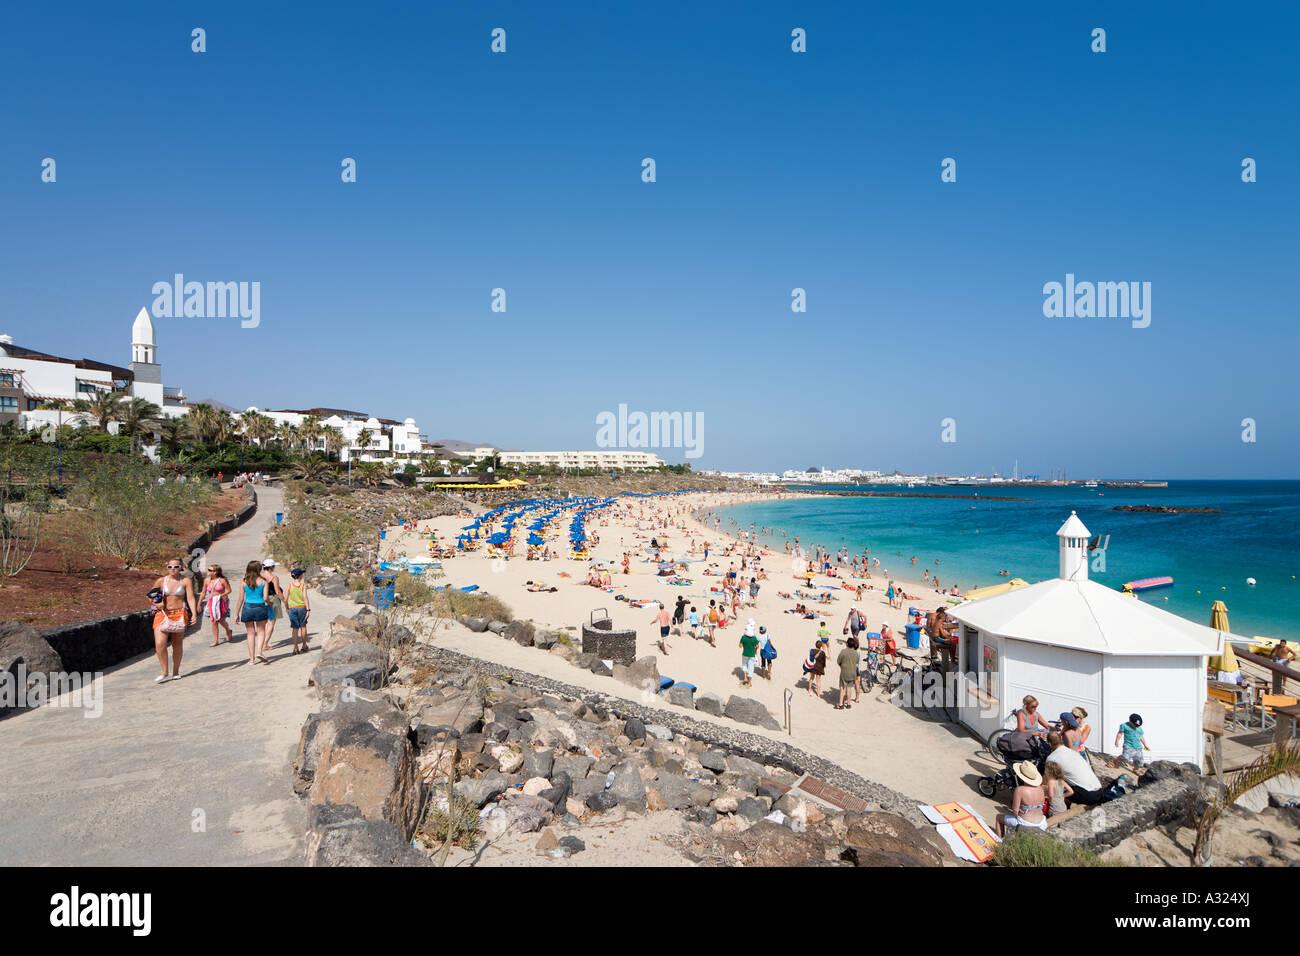 Promenade und Hauptstrand Playa Blanca, Lanzarote, Kanarische Inseln, Spanien Stockbild